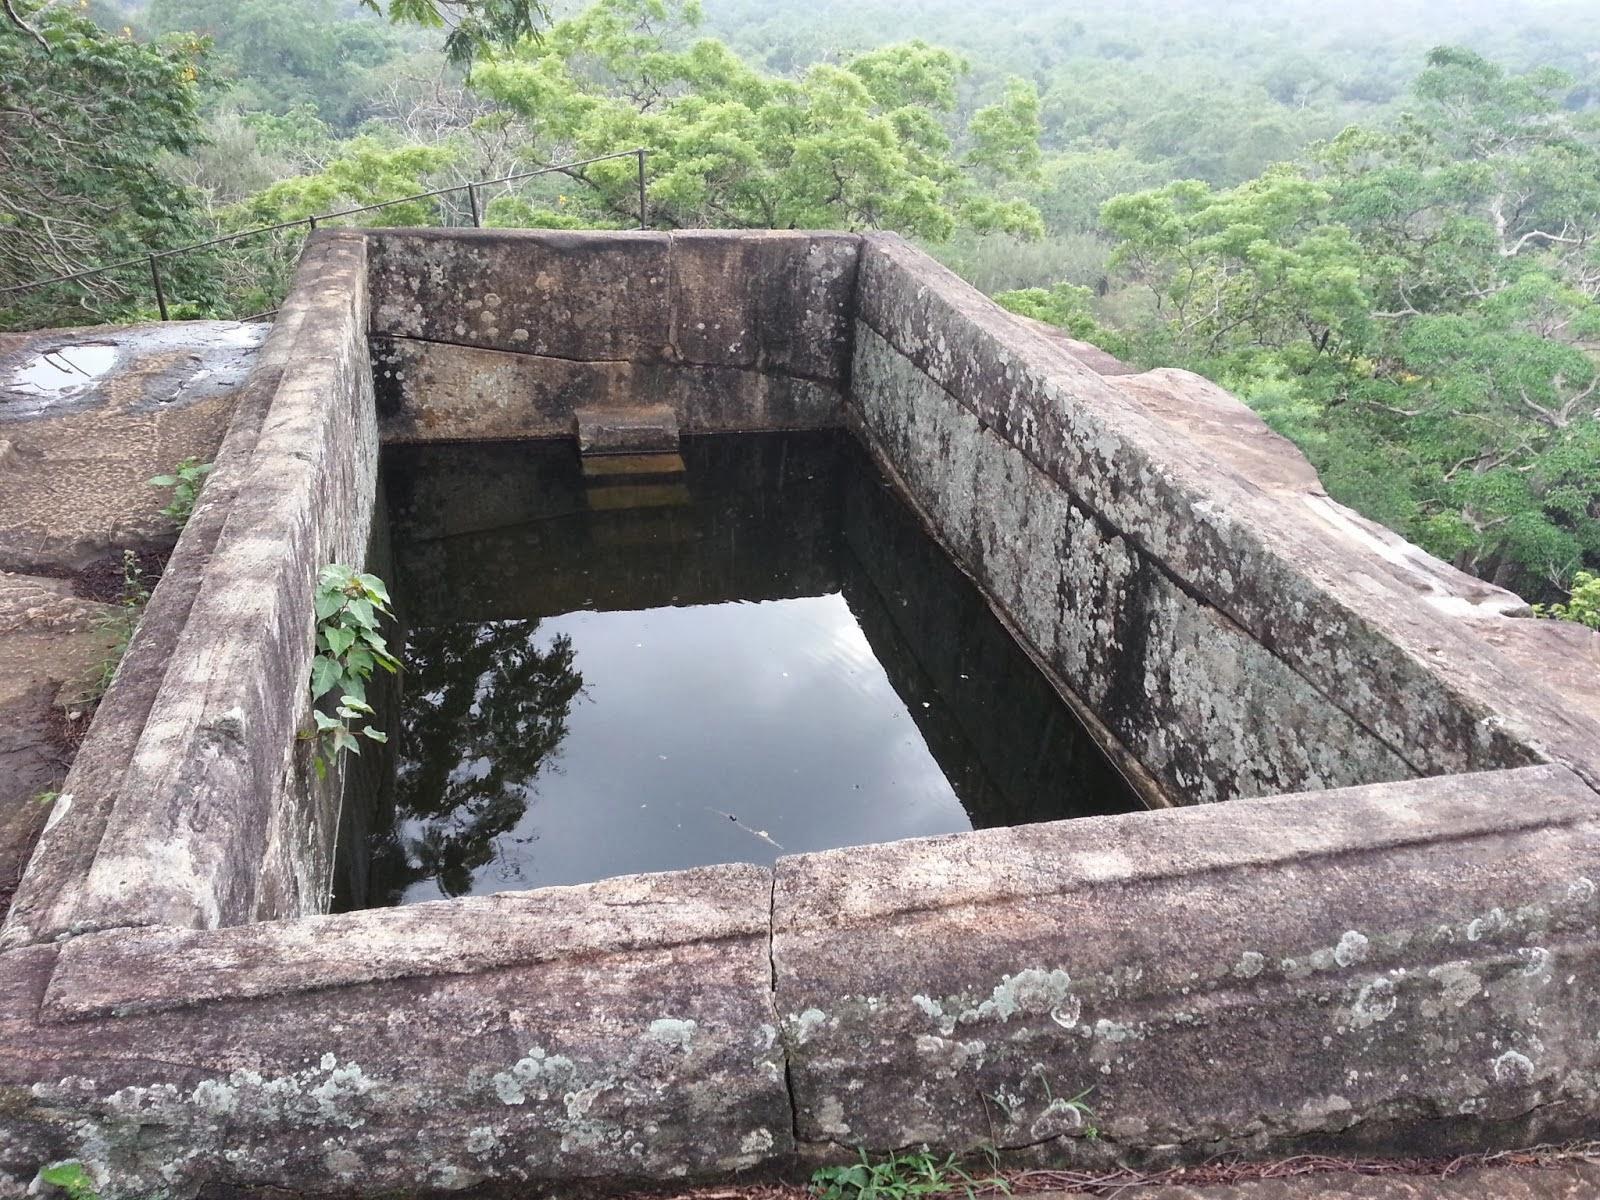 Каменный бассейн целиком вырезан гранитной скале, машинная обработка камня, загадки древних цивилизаций